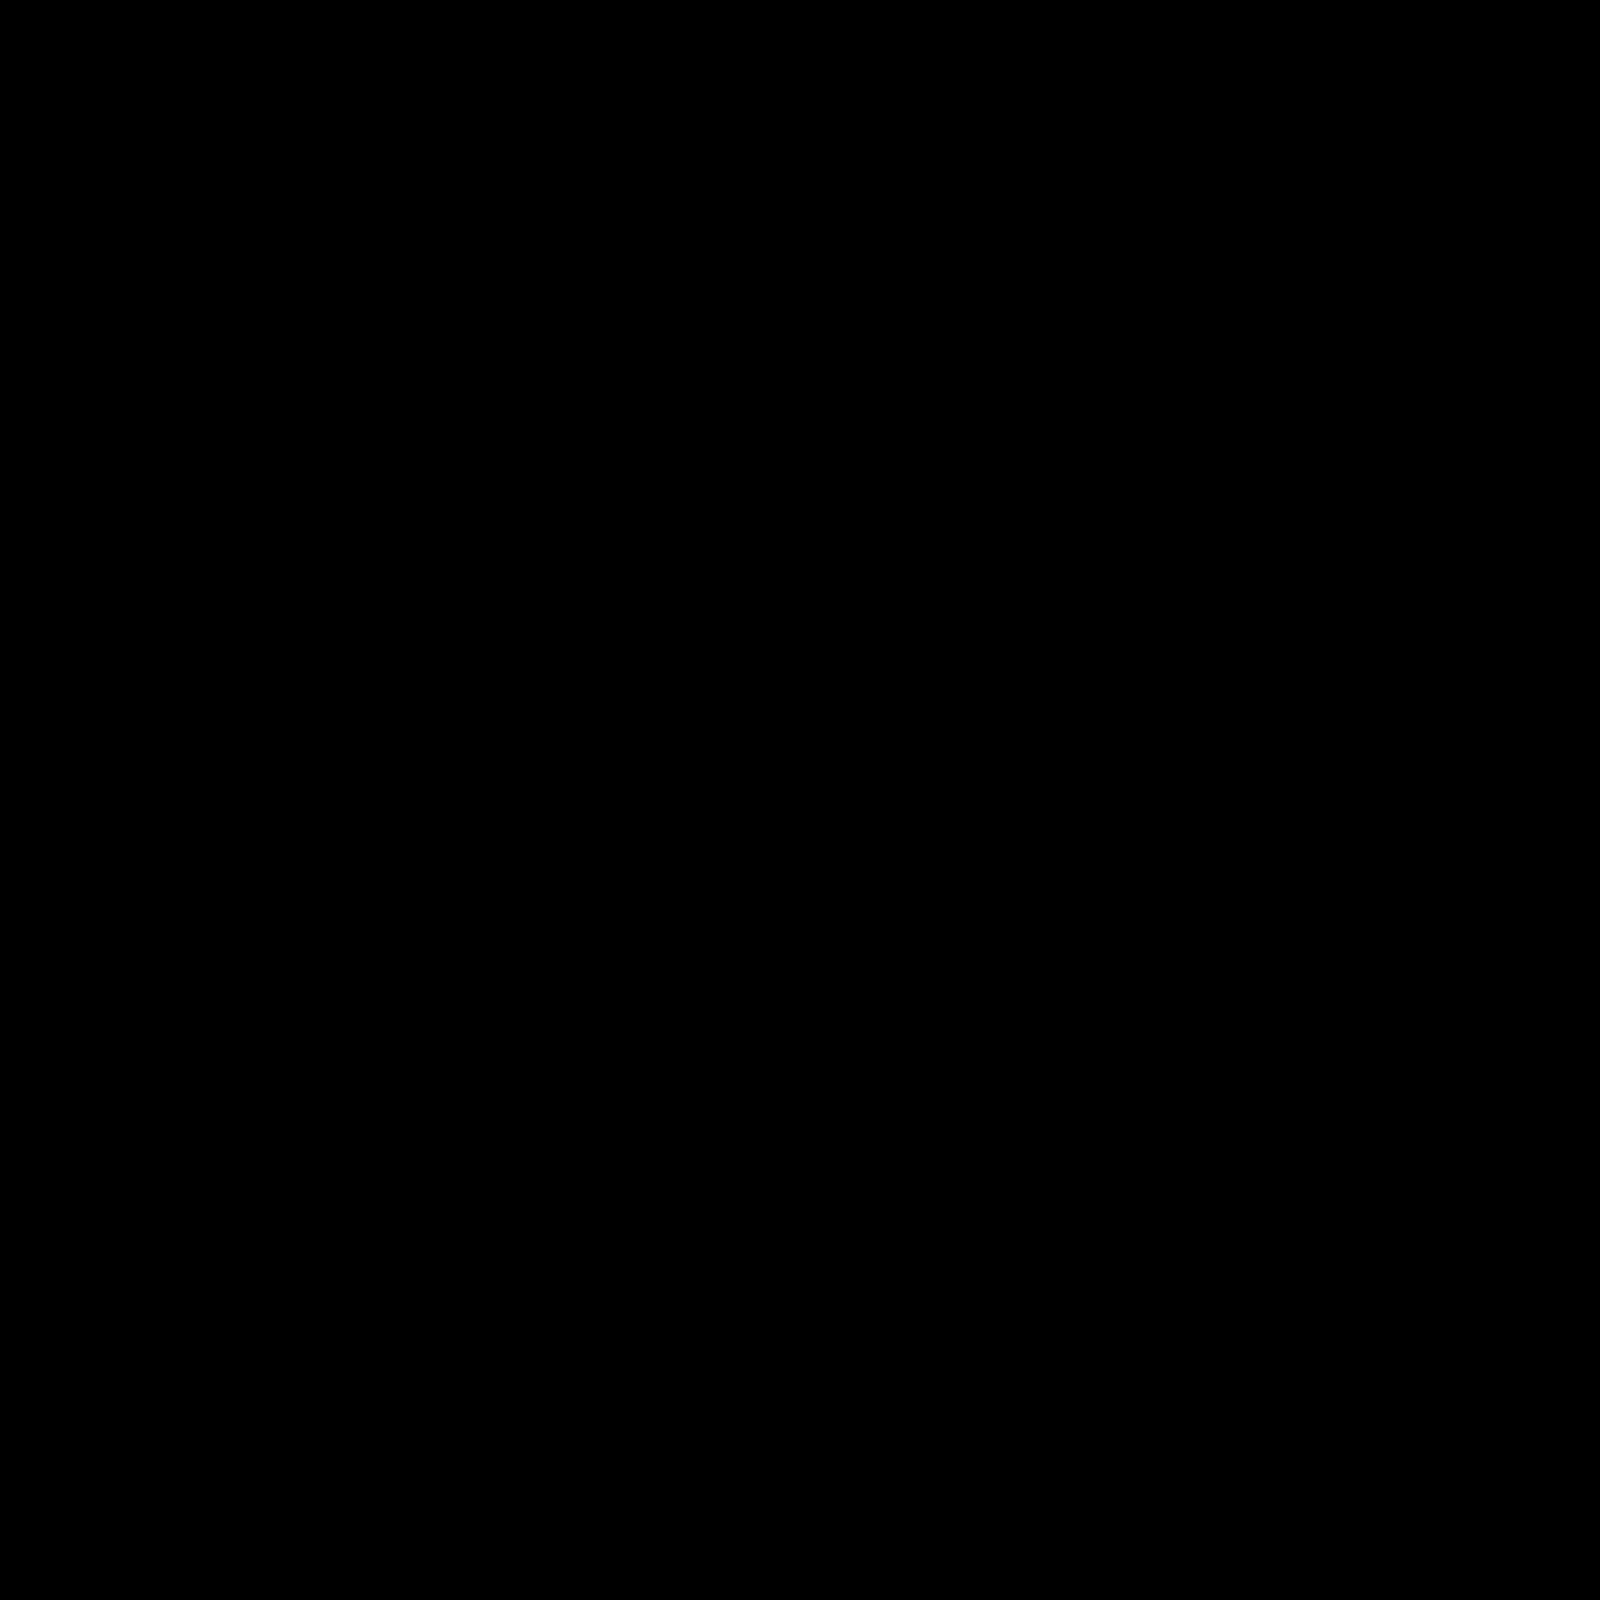 フォトエディター icon